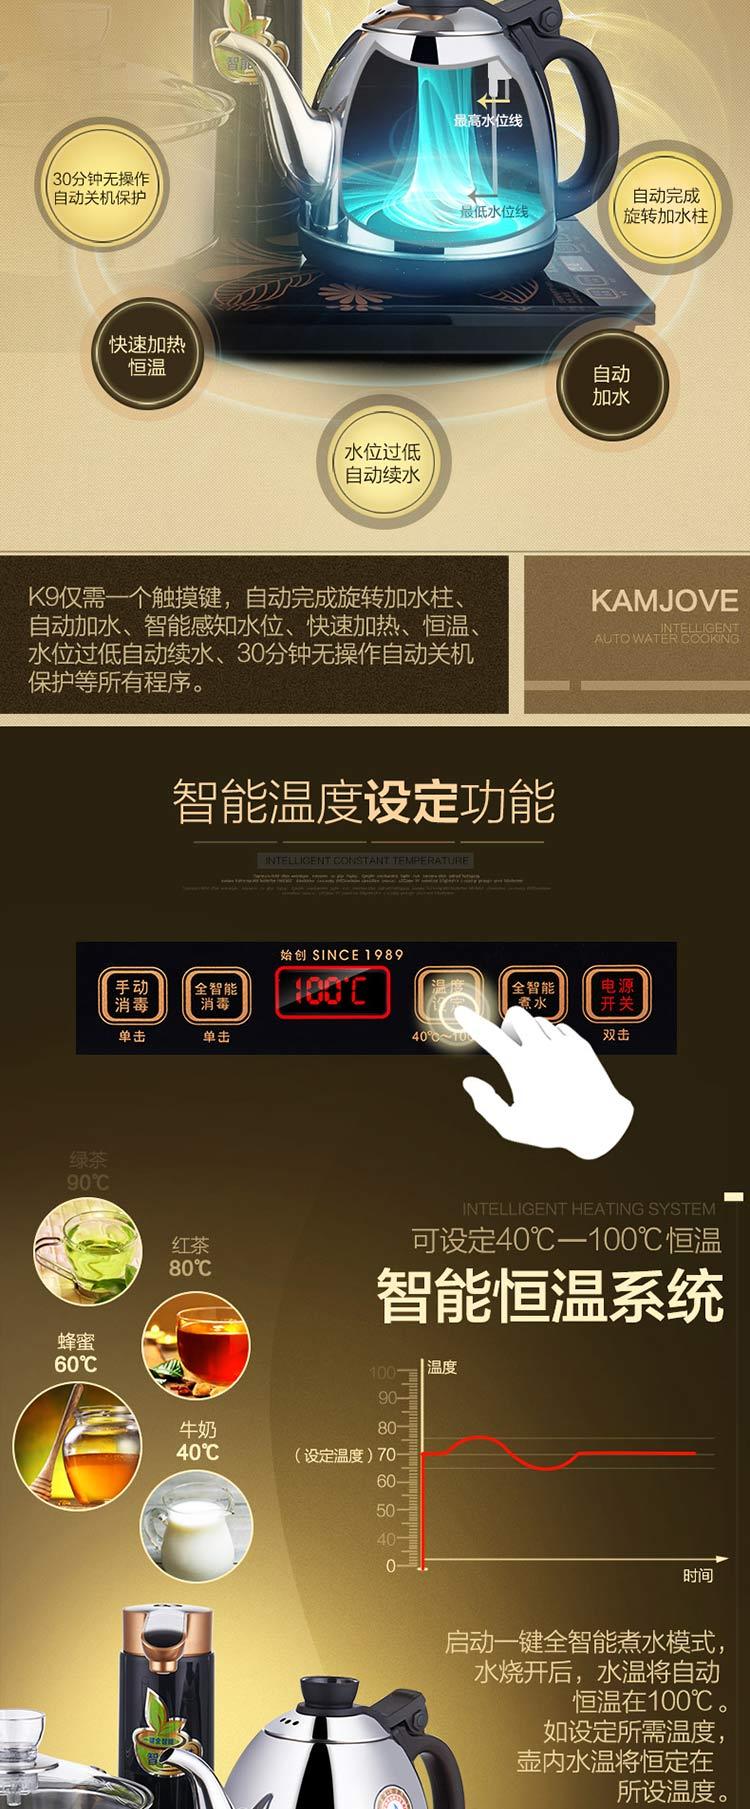 K9详情页【加进水管】_03